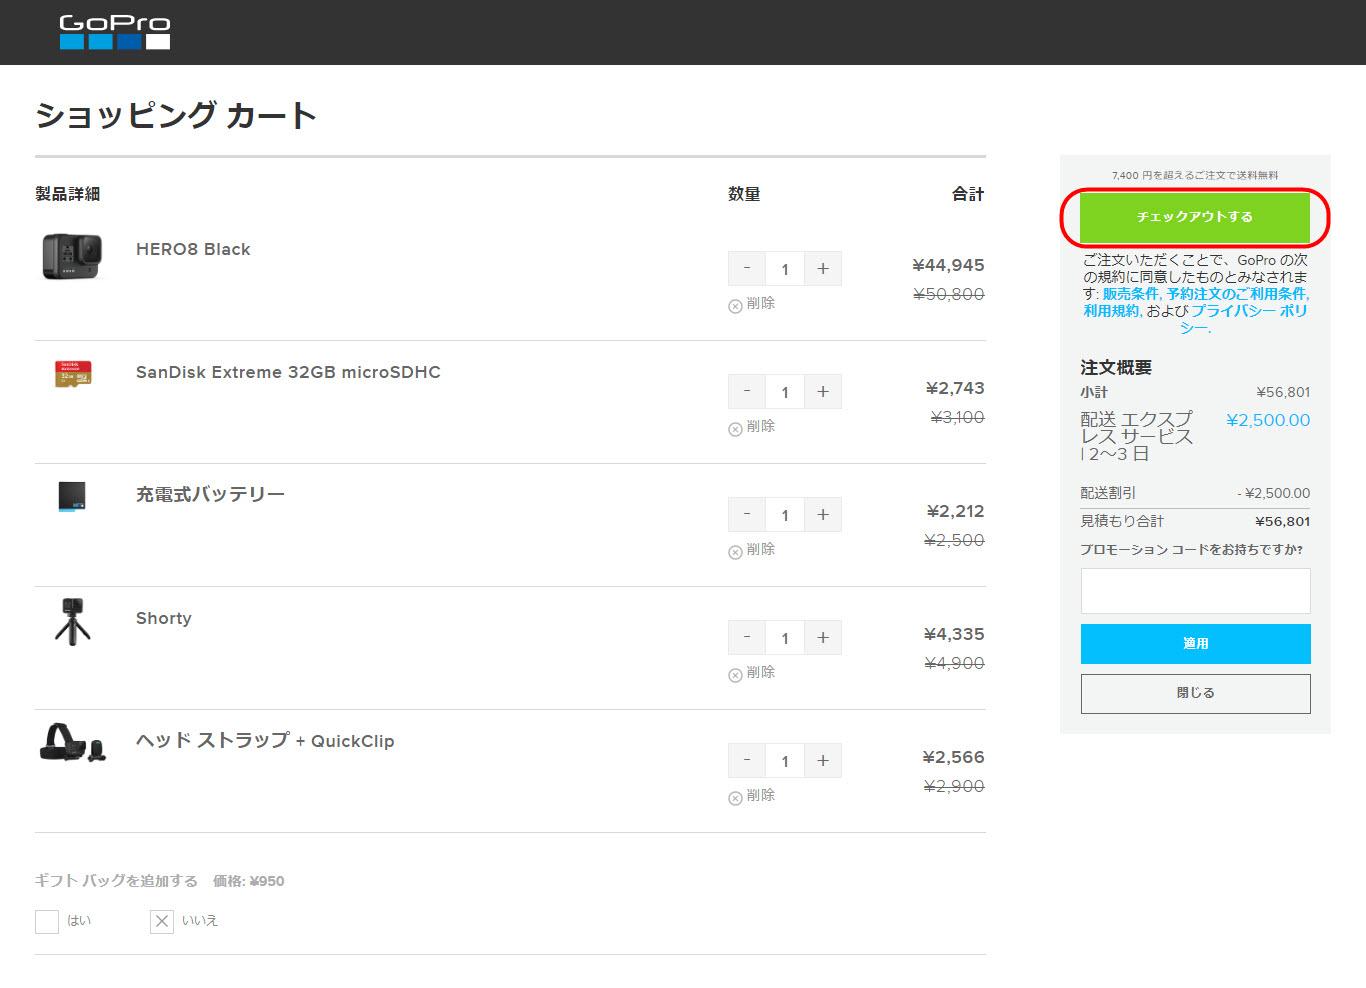 GoPro ゴープロ 公式サイト 買い方 購入方法 安い SDカード 特典 送料無料 支払い方法 支払い方法 使い方 hero8